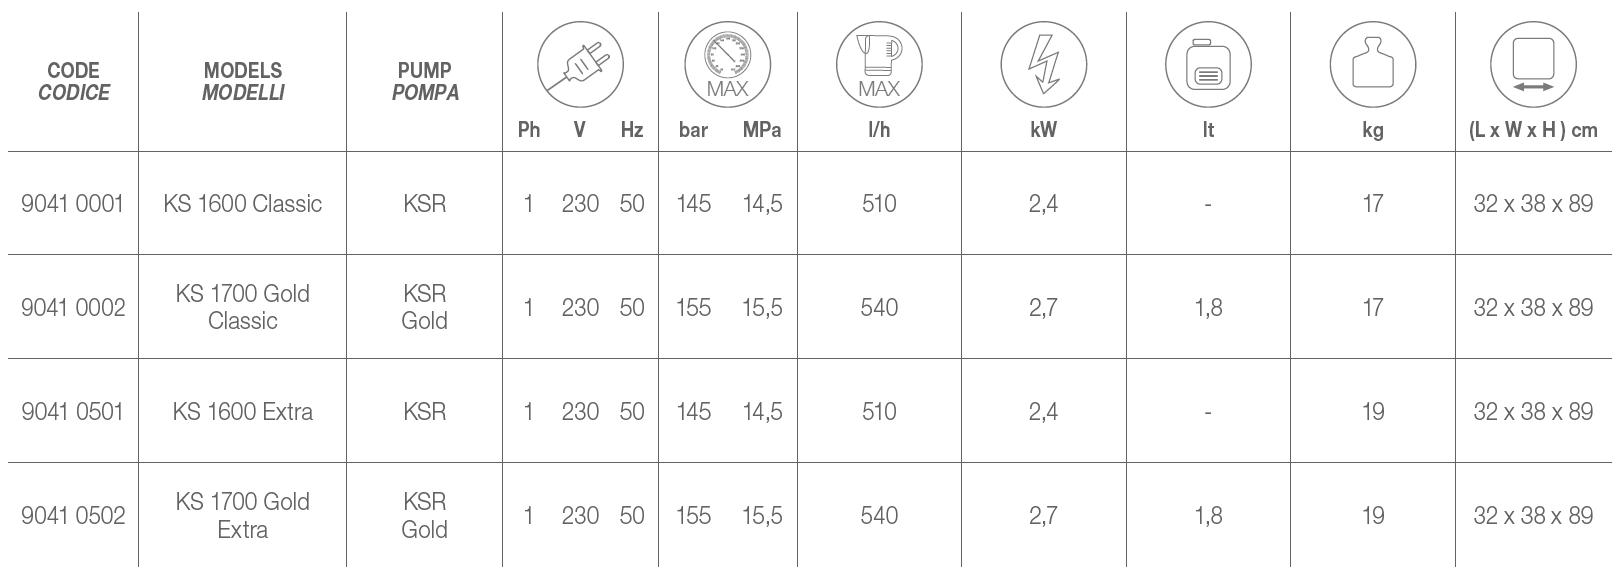 KS - KS GOLD Technical Data